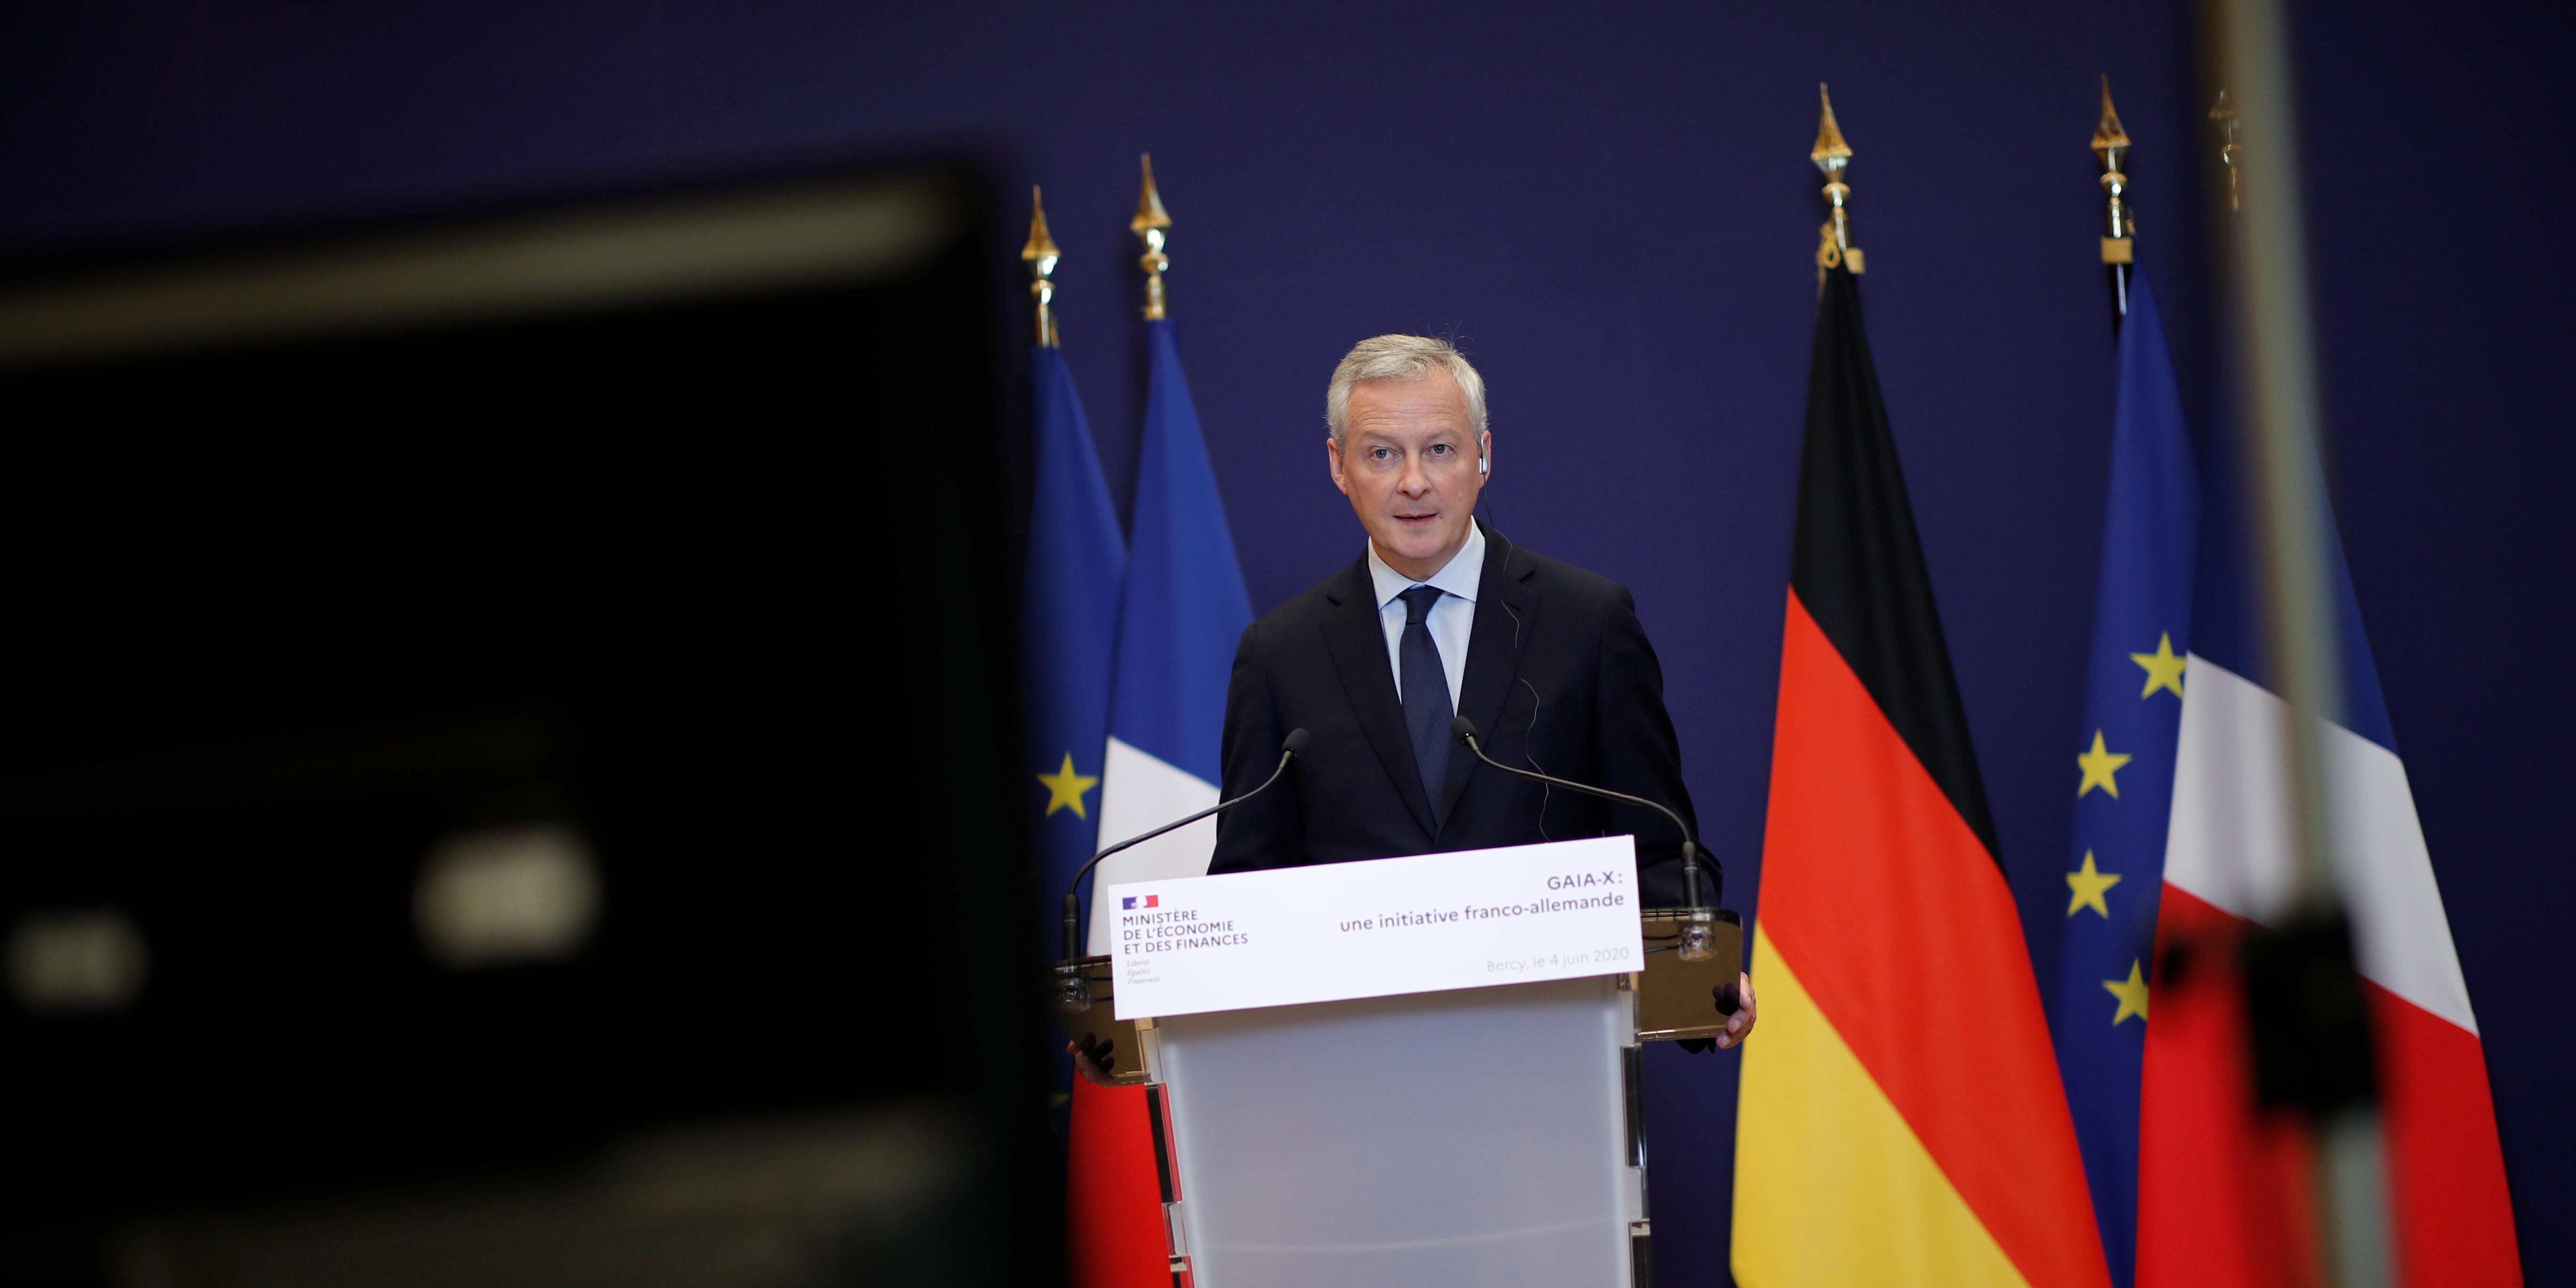 """La France veut produire un """"hydrogène propre"""" à partir du nucléaire, avec l'Allemagne"""